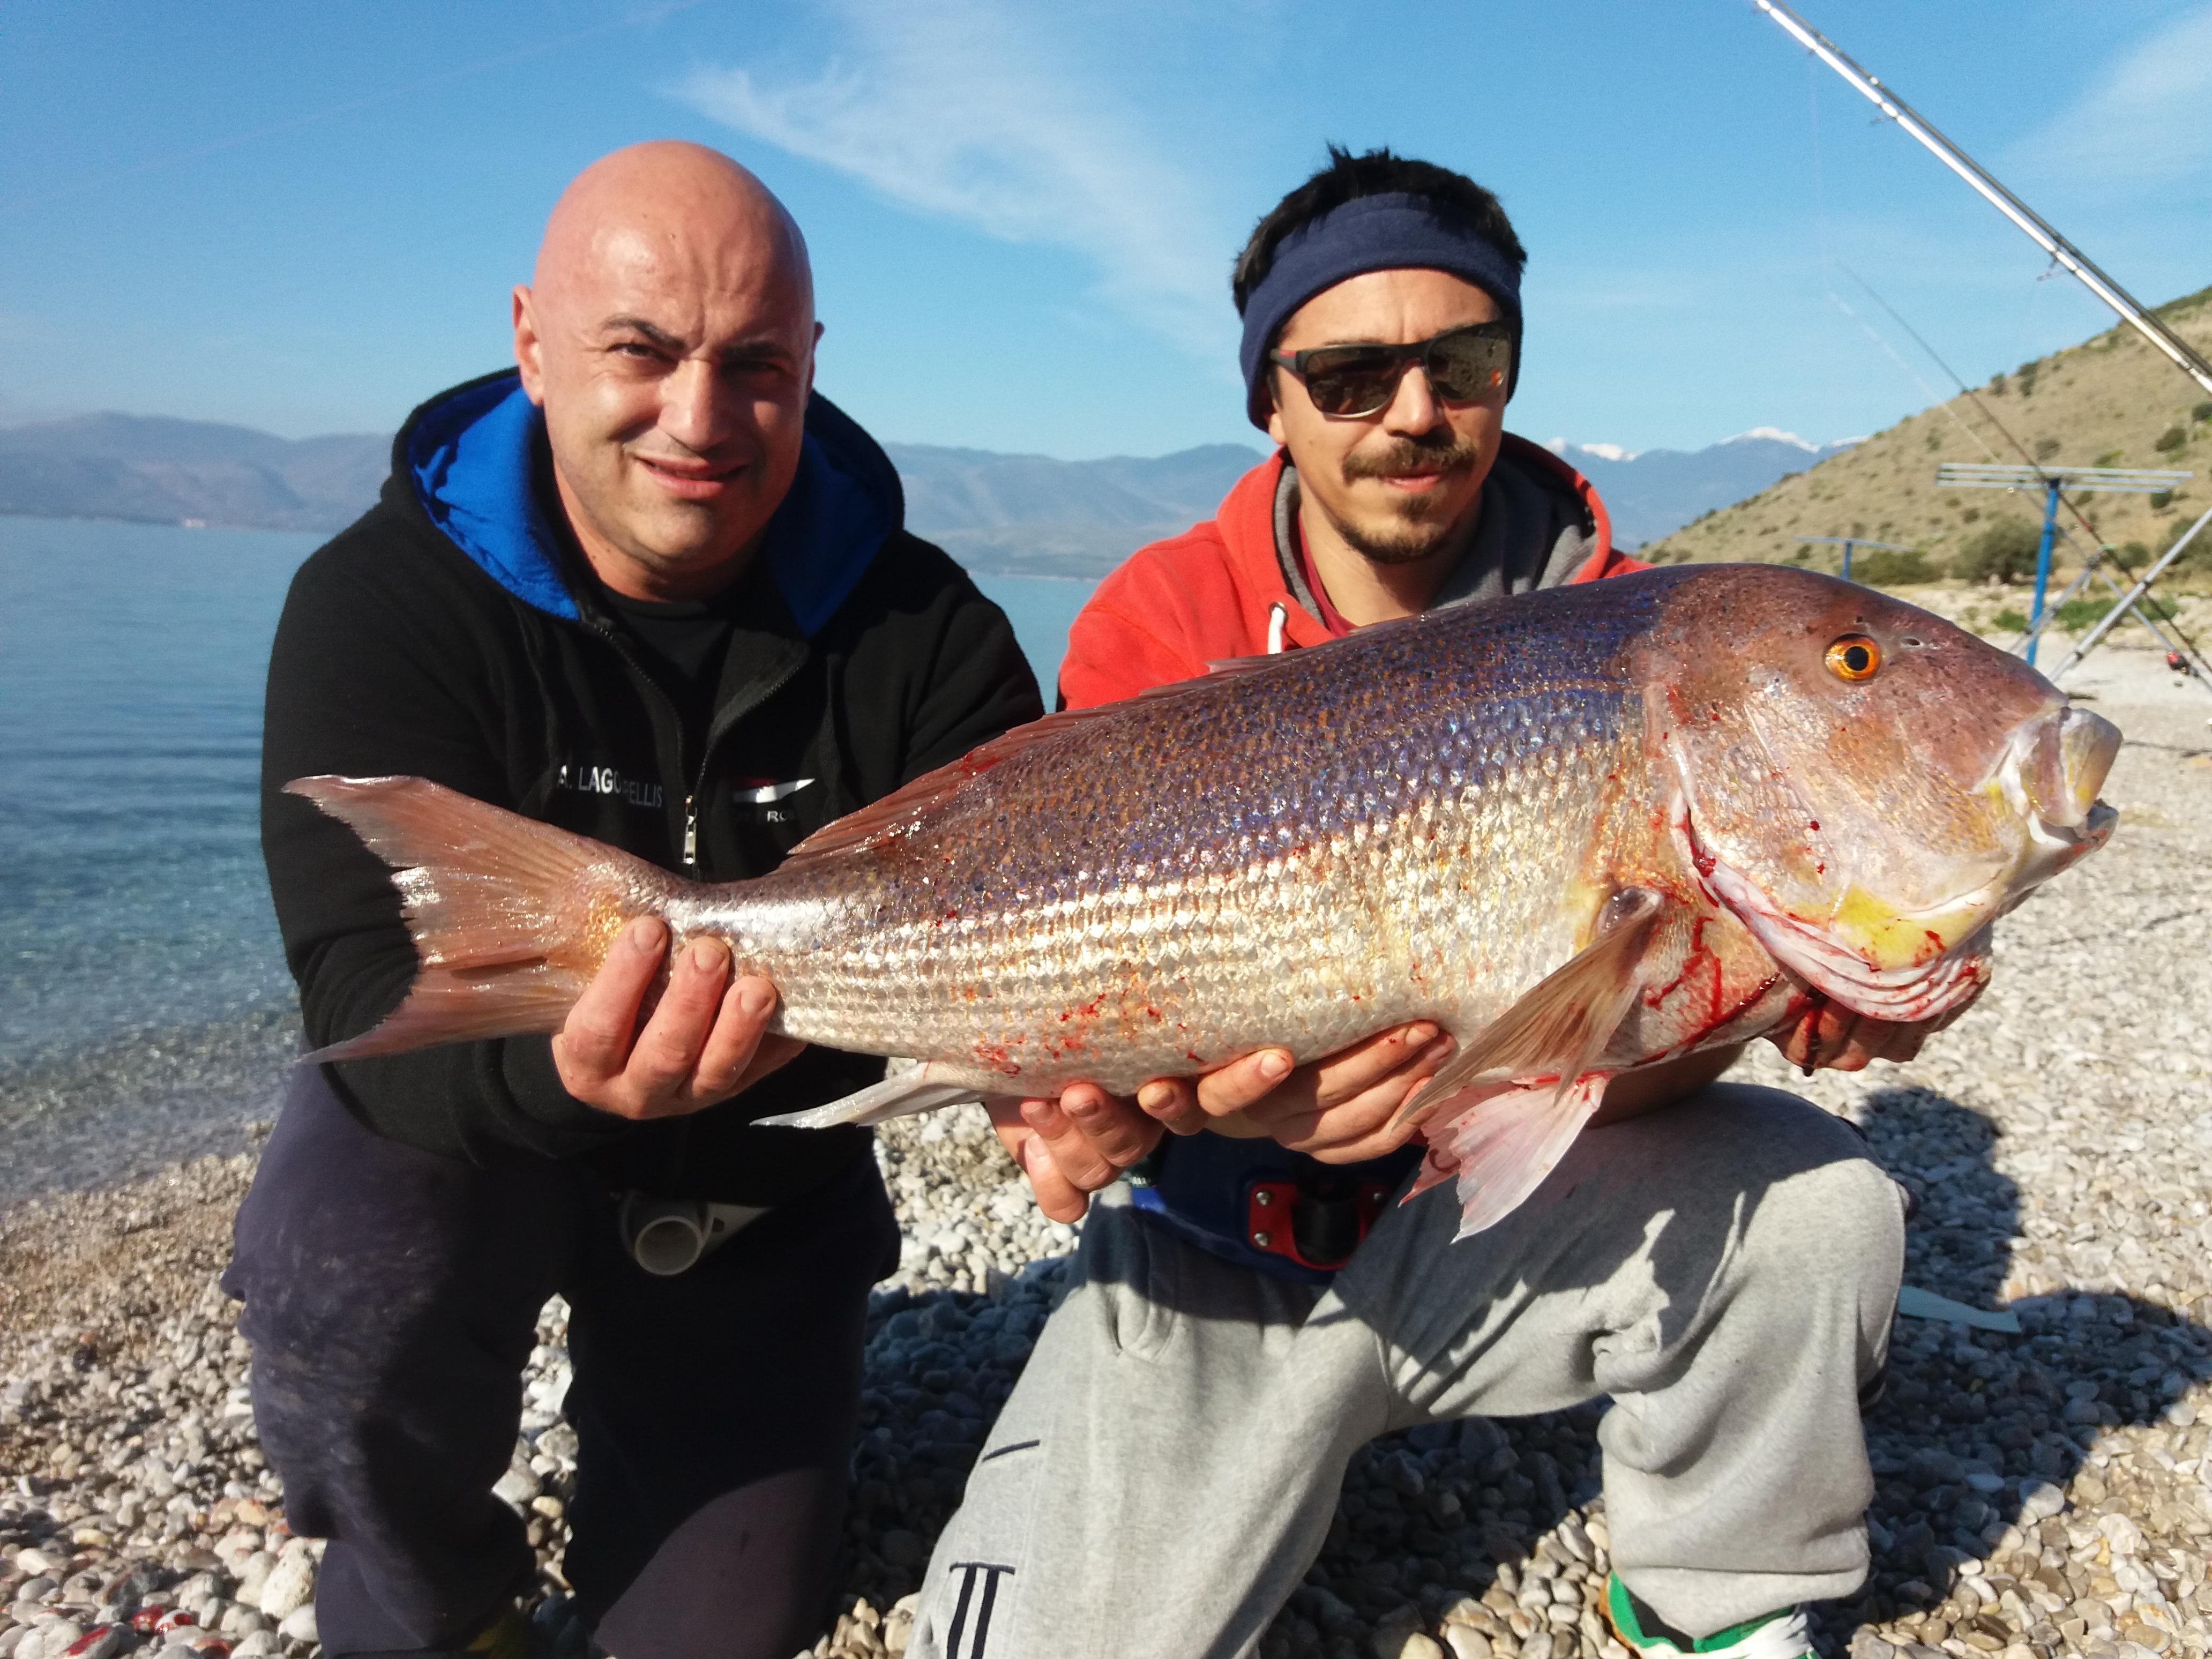 Όσο χαρούμενους μπορεί να σε κάνει αυτός τρόπος ψαρέματος εξαιτίας των μεγάλων ψαριών που απευθύνεται, άλλο τόσο και περισσότερο μπορεί να σε απογοητεύσει.